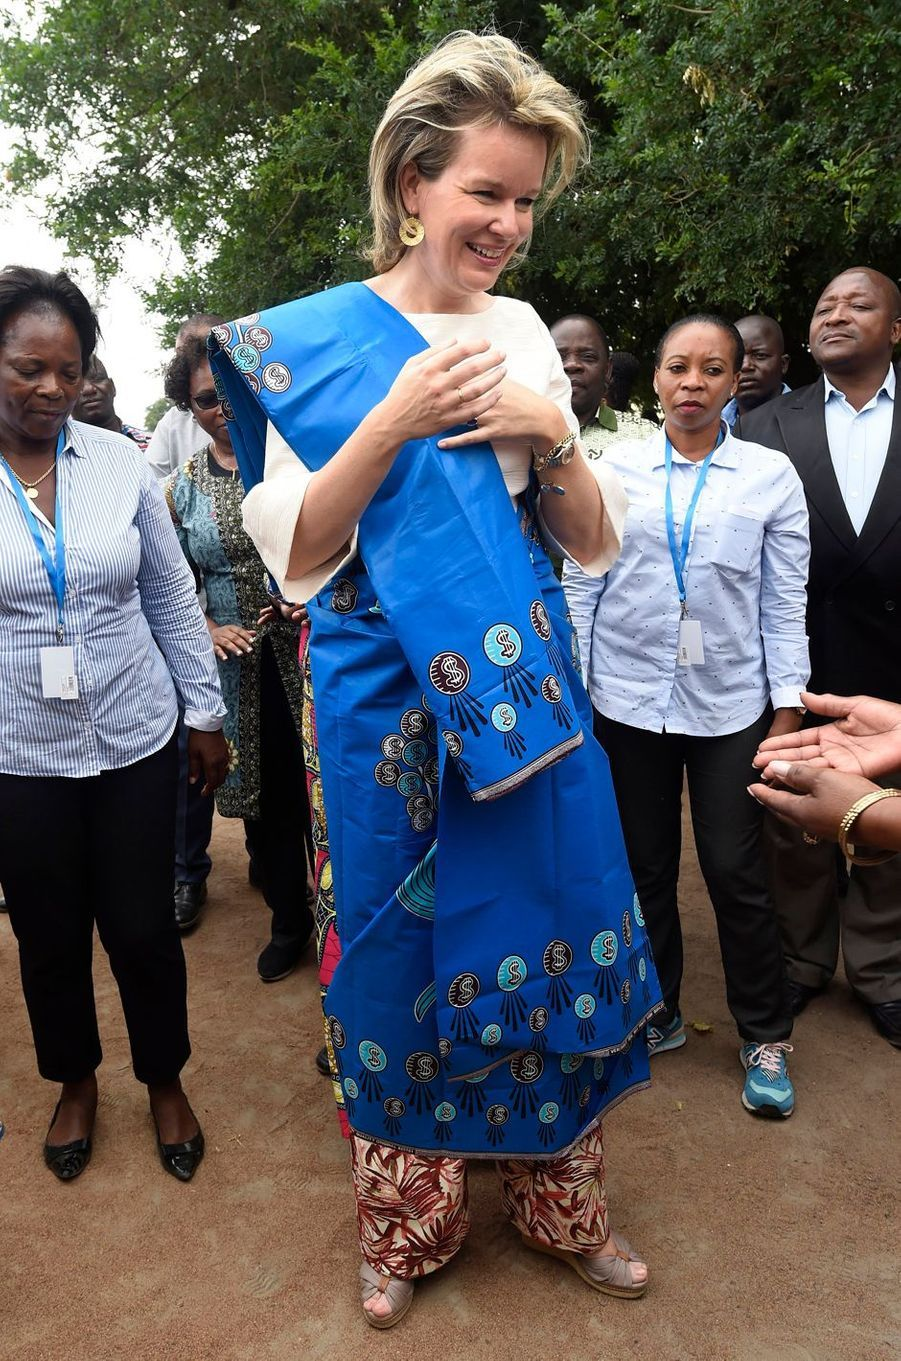 La reine Mathilde de Belgique au Mozambique en visite humanitaire, le 5 février 2019